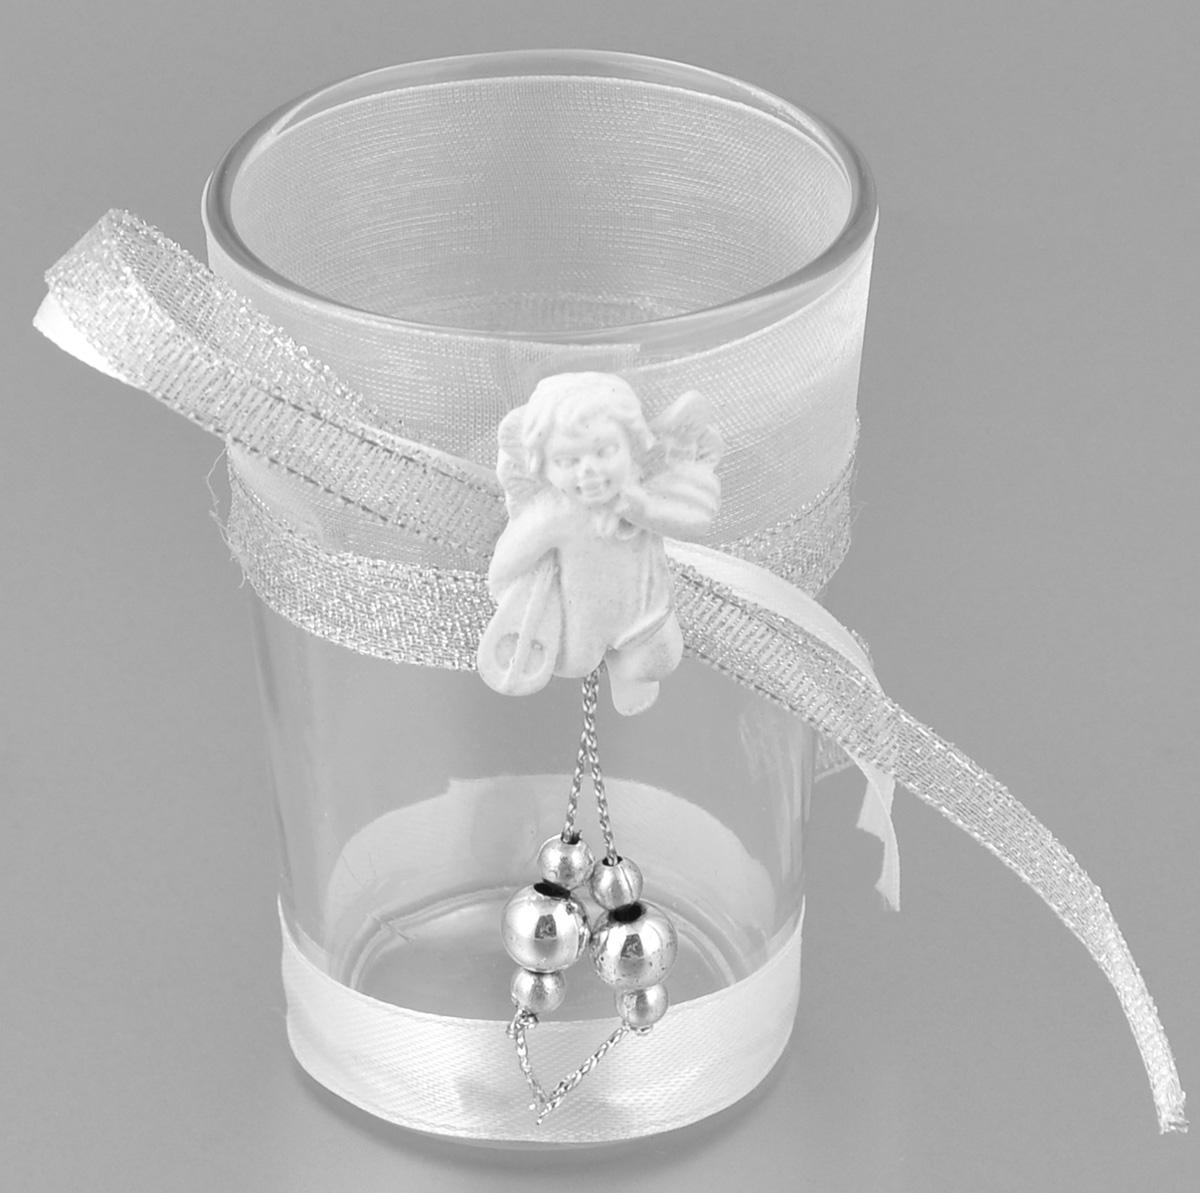 Подсвечник декоративный Феникс-презент Ангел с музыкальным инструментом, высота 8,5 смRG-D31SДекоративный подсвечник Феникс-презент Ангел с музыкальным инструментом, изготовленный из прочного стекла, декорирован фигуркой ангела и ленточкой. Такой подсвечник станет отличным выбором для тех, кто хочет сделать запоминающийся подарок родным и близким. Кроме того, он может хорошо вписаться в интерьер вашего дома или дачи.